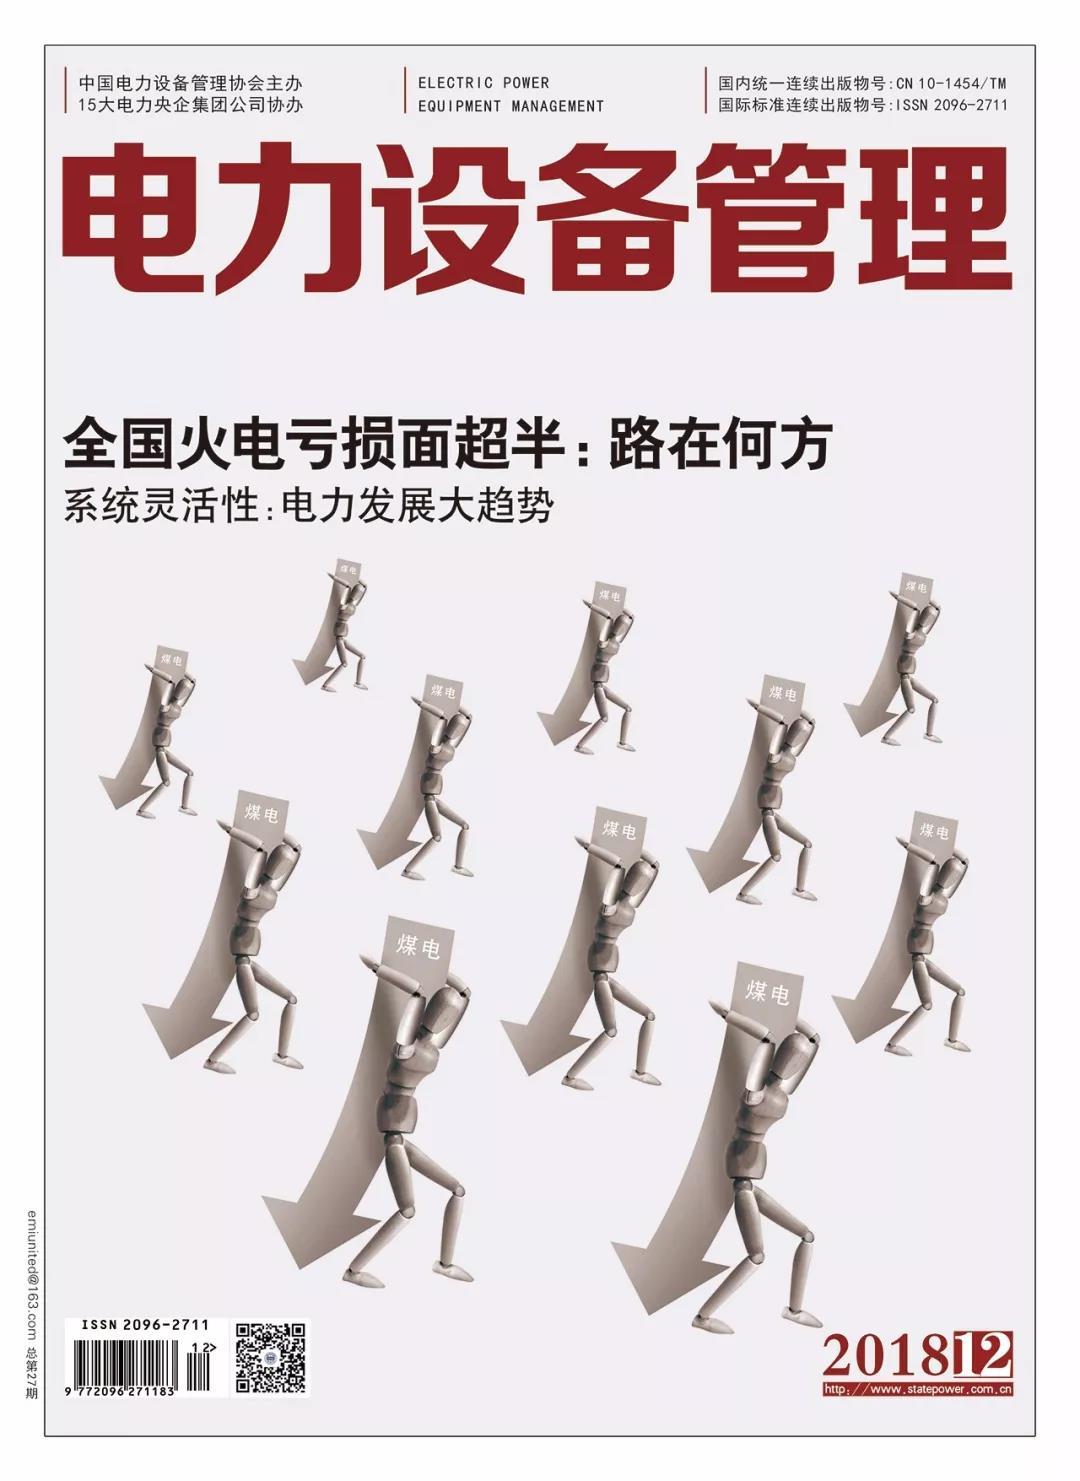 《电力设备管理》杂志首届全国电力工业 特约专家征文